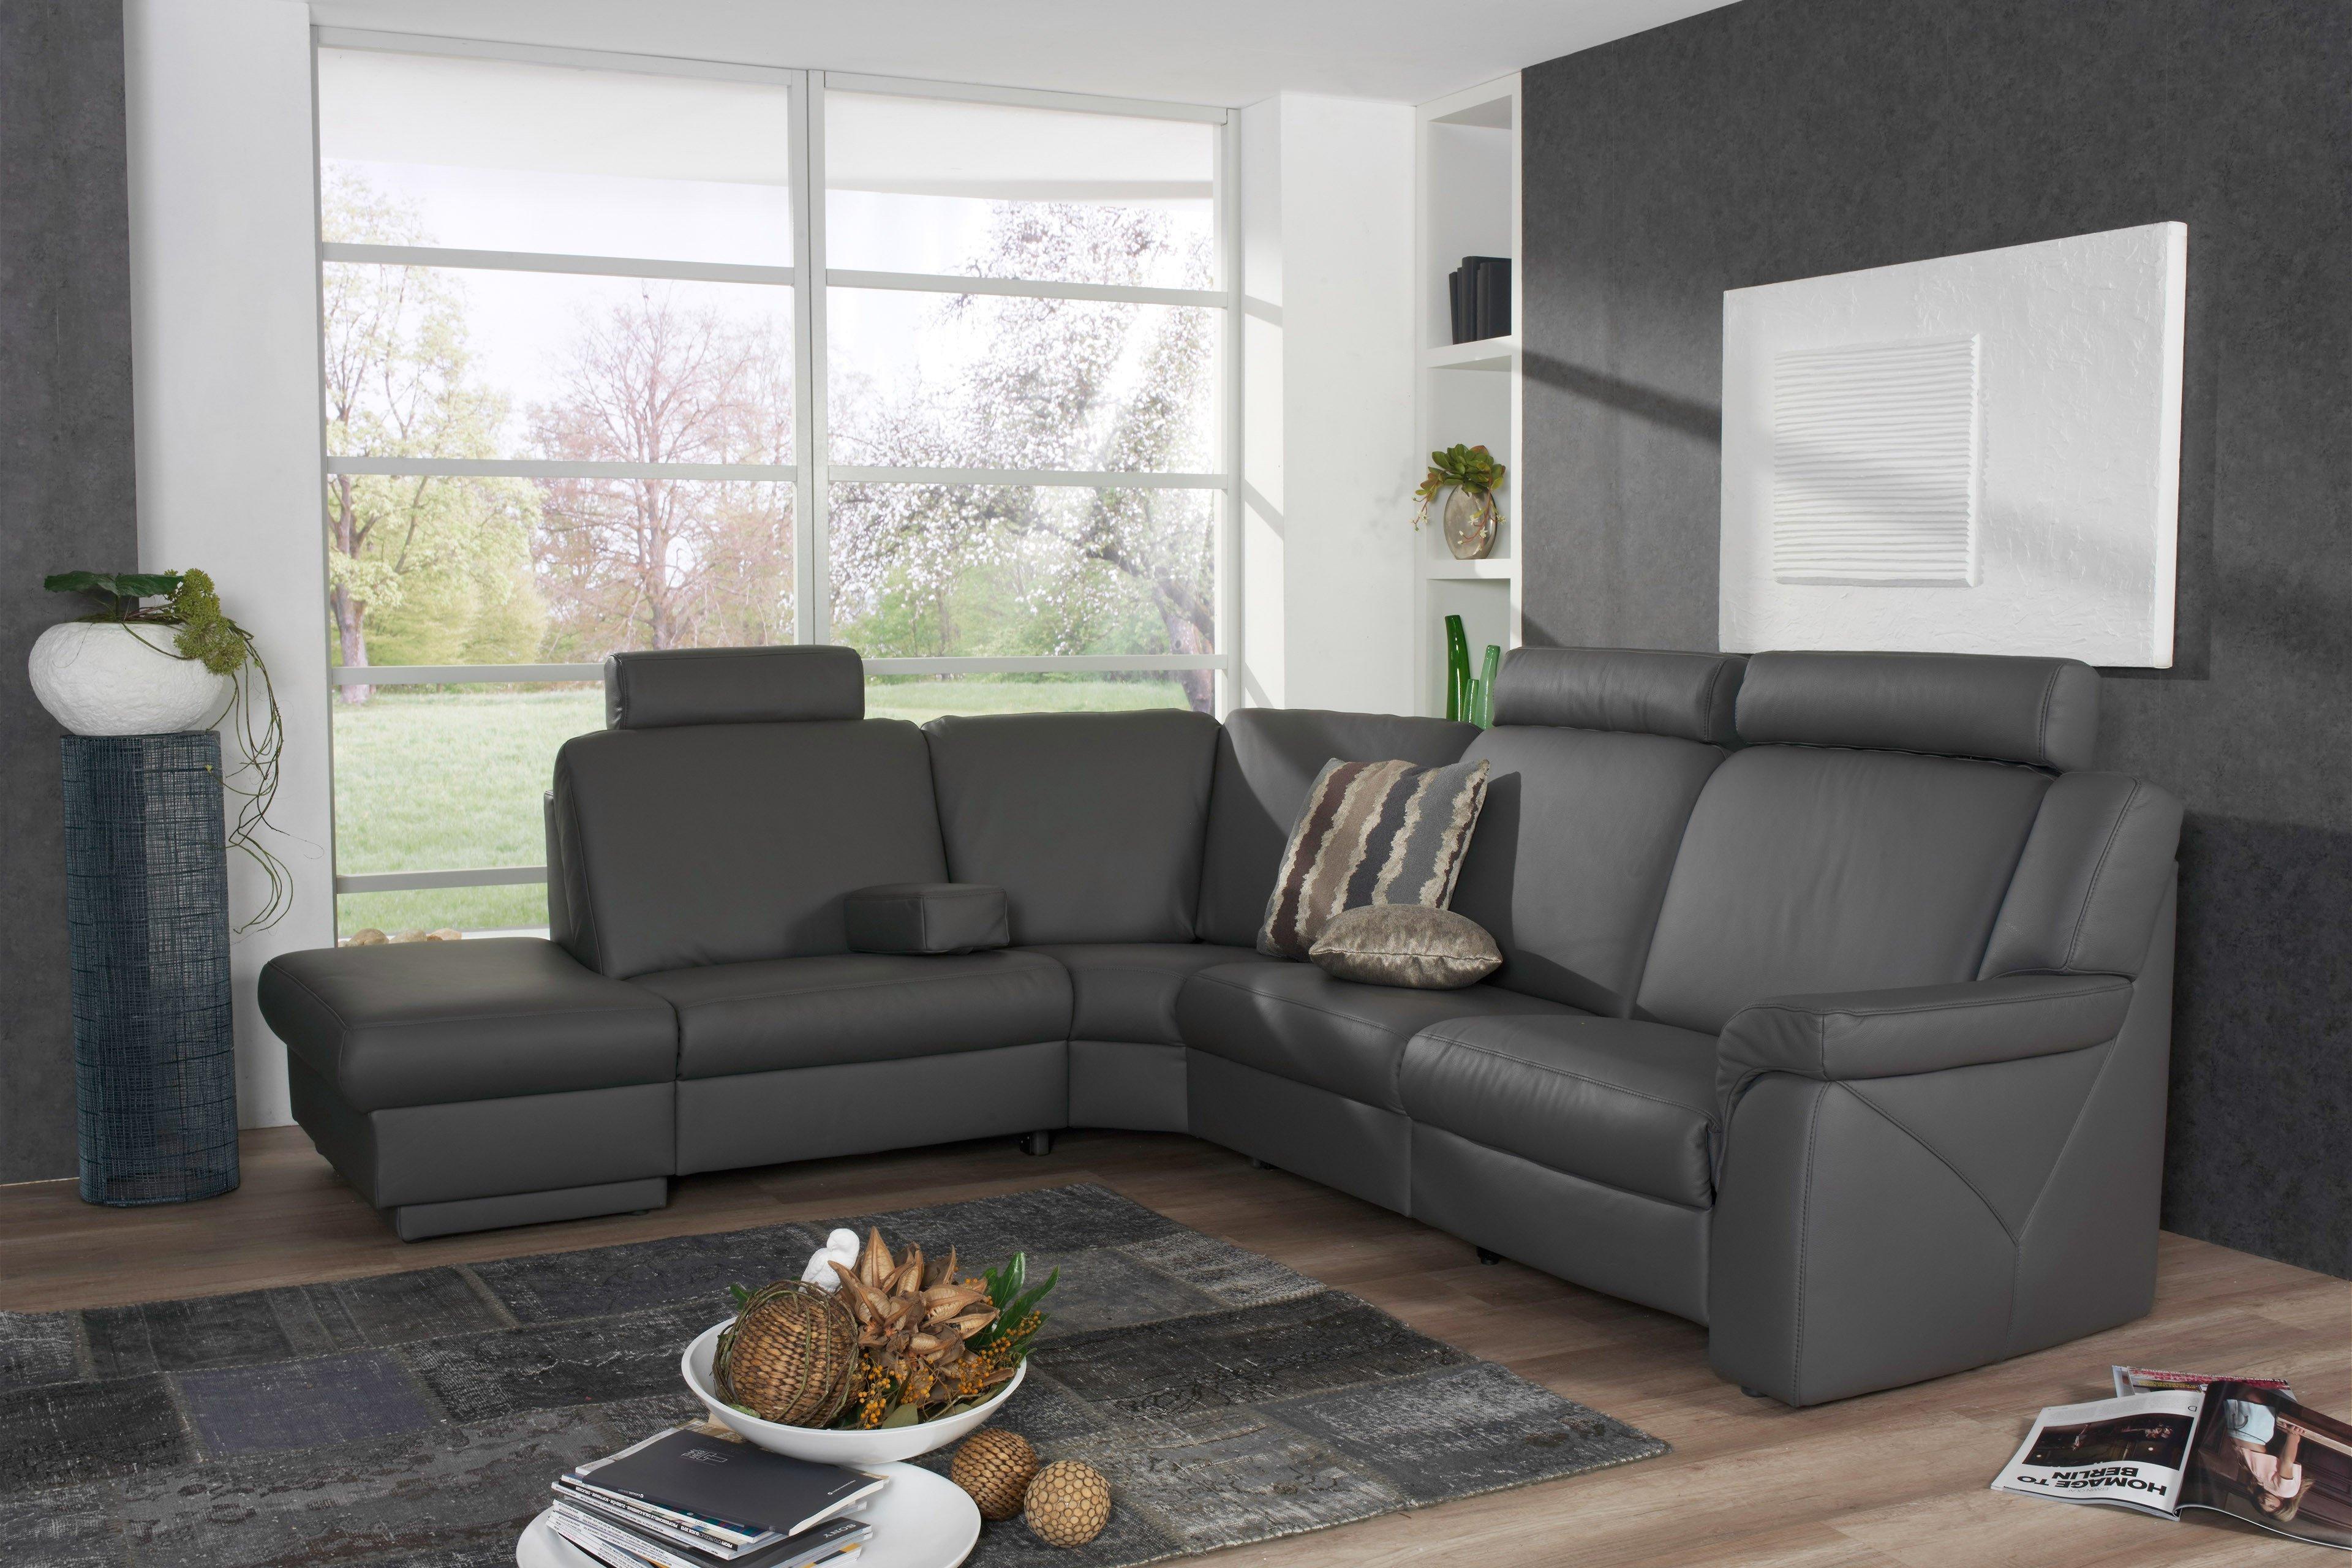 himolla polsterm bel 1500 halle wohnlandschaft in grau. Black Bedroom Furniture Sets. Home Design Ideas